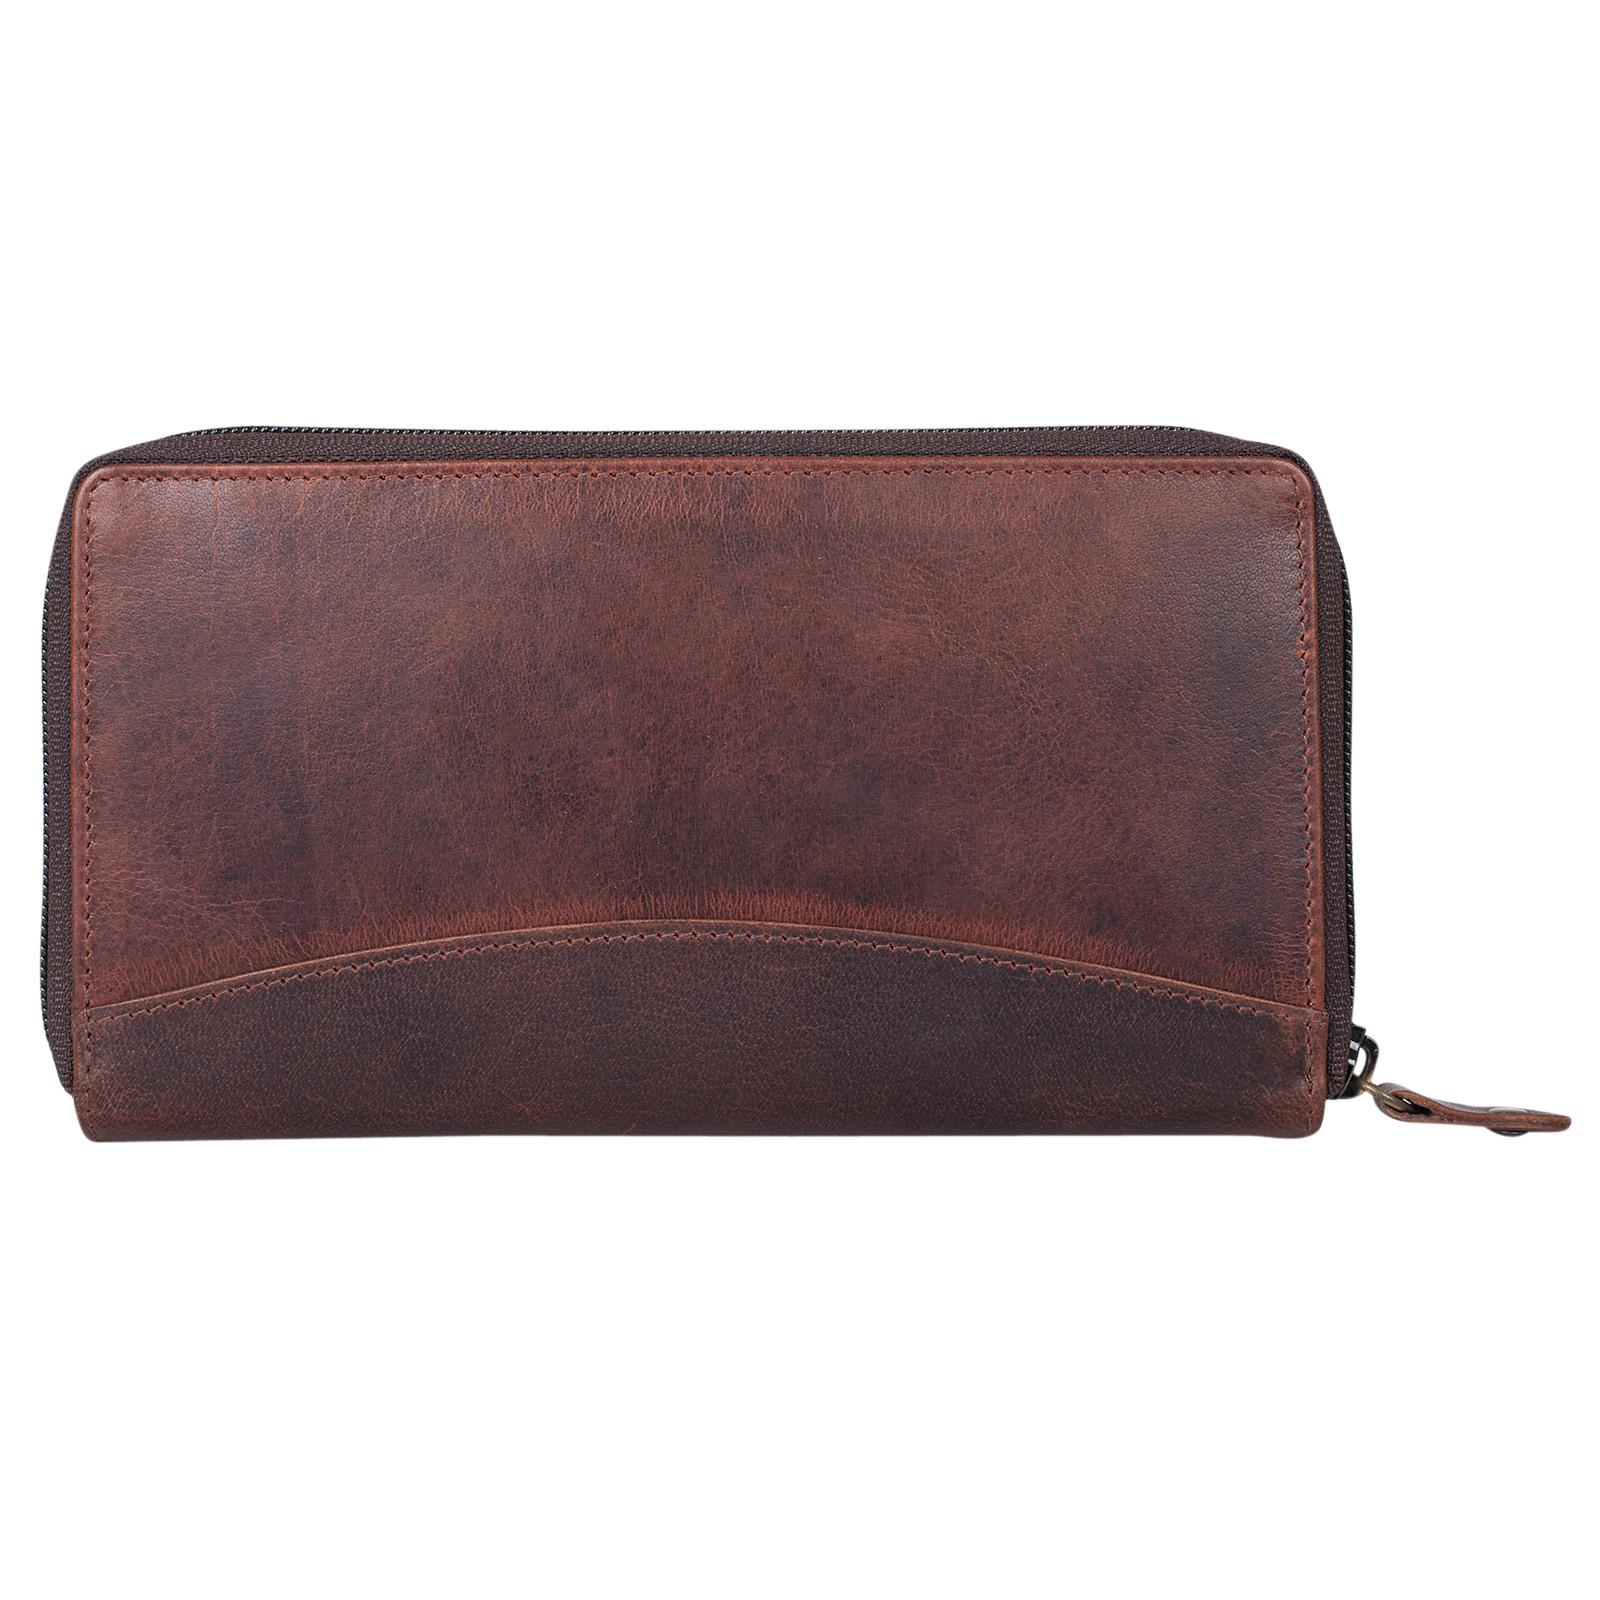 """STILORD """"Saskia"""" Portemonnaie Damen Leder groß viele Fächer Vintage Brieftasche im Querformat Geldbörse mit Reißverschluss für EC-Karten Kleingeld Ausweis - Bild 20"""